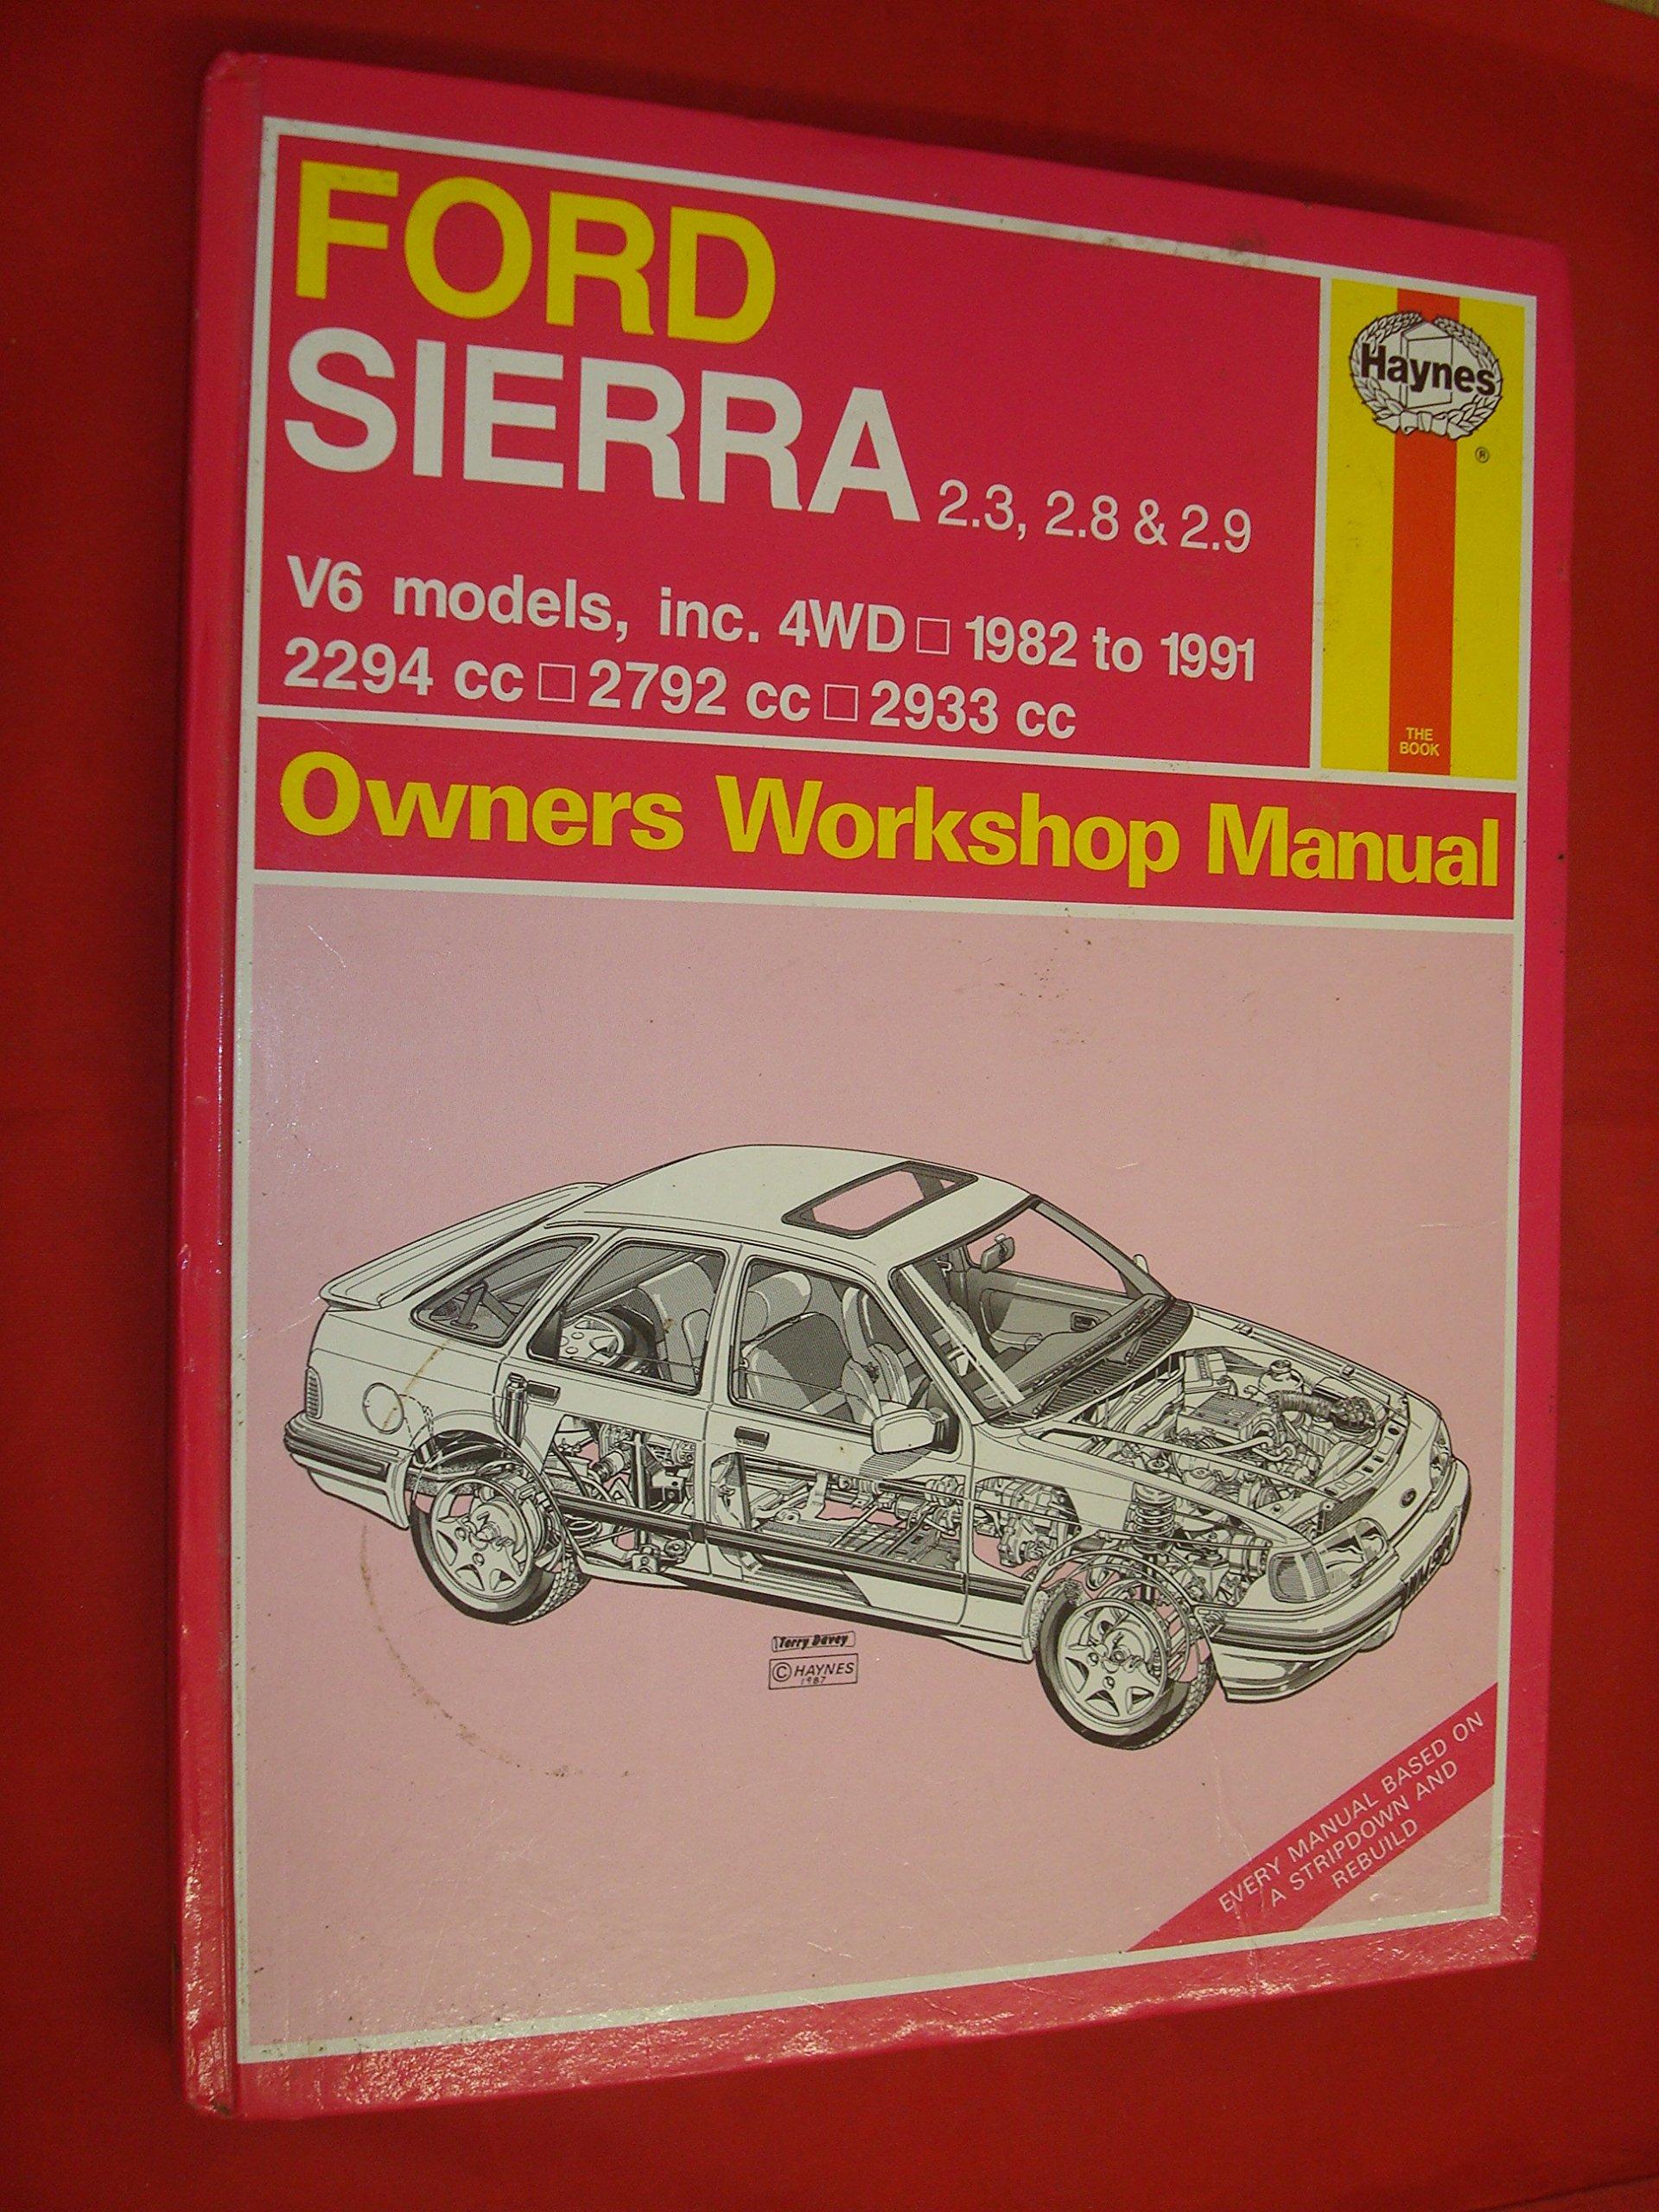 Ford Sierra V6 Owners Workshop Manual (Haynes Owners Workshop Manuals): A.  K. Legg: 9781850105824: Amazon.com: Books